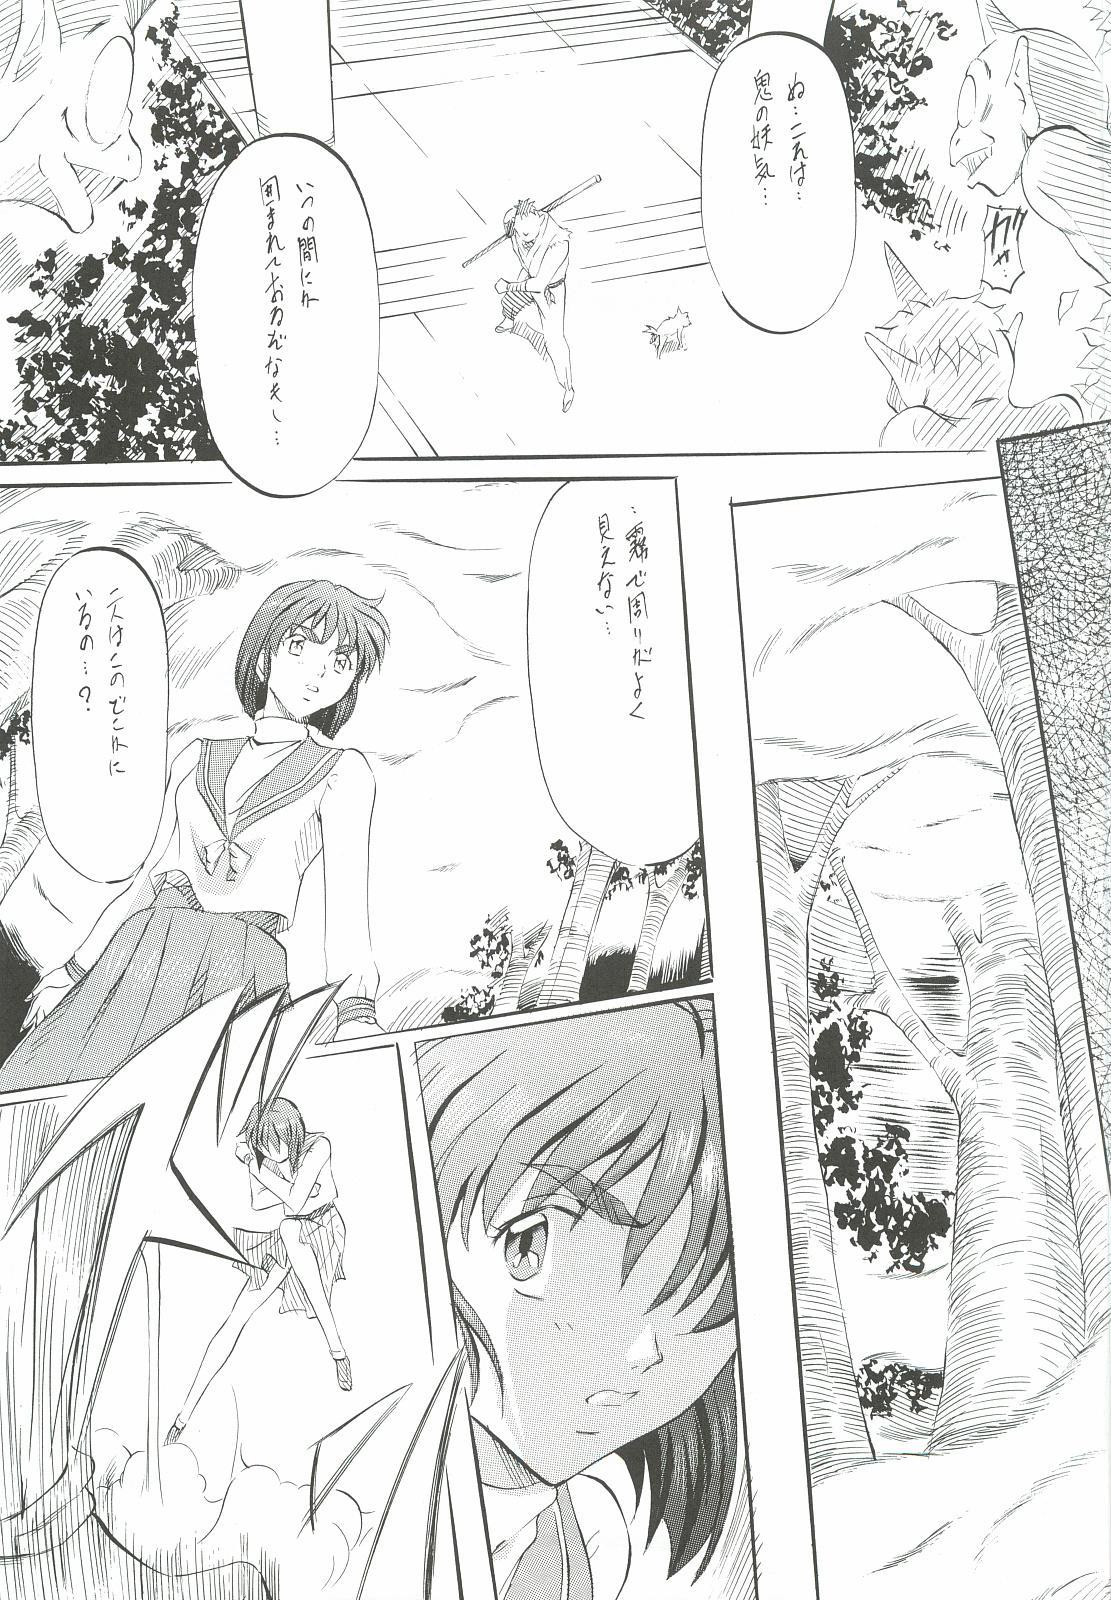 Ai & Mai Gaiden - Kishin Fukkatsu no Shou 31